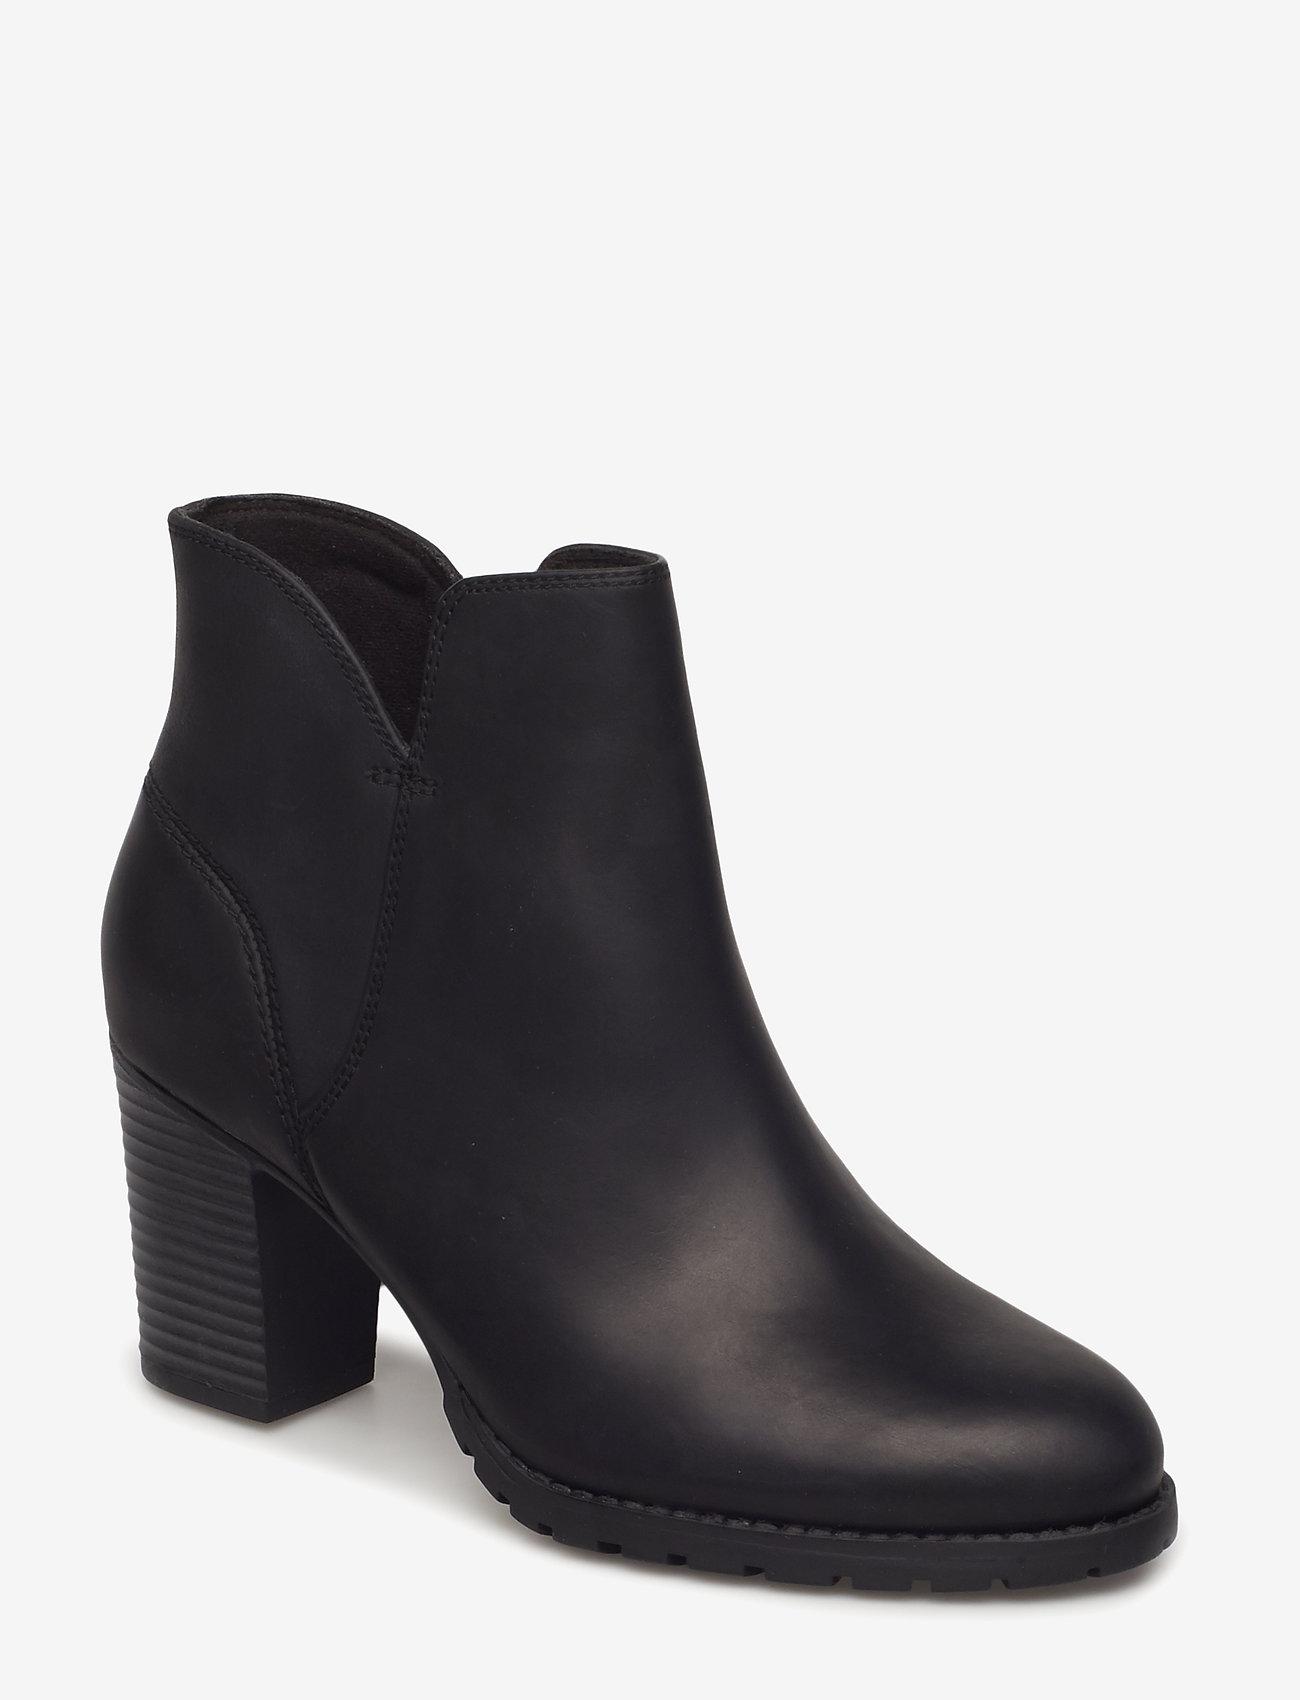 Clarks - Verona Trish - ankelstøvletter med hæl - black leather - 0